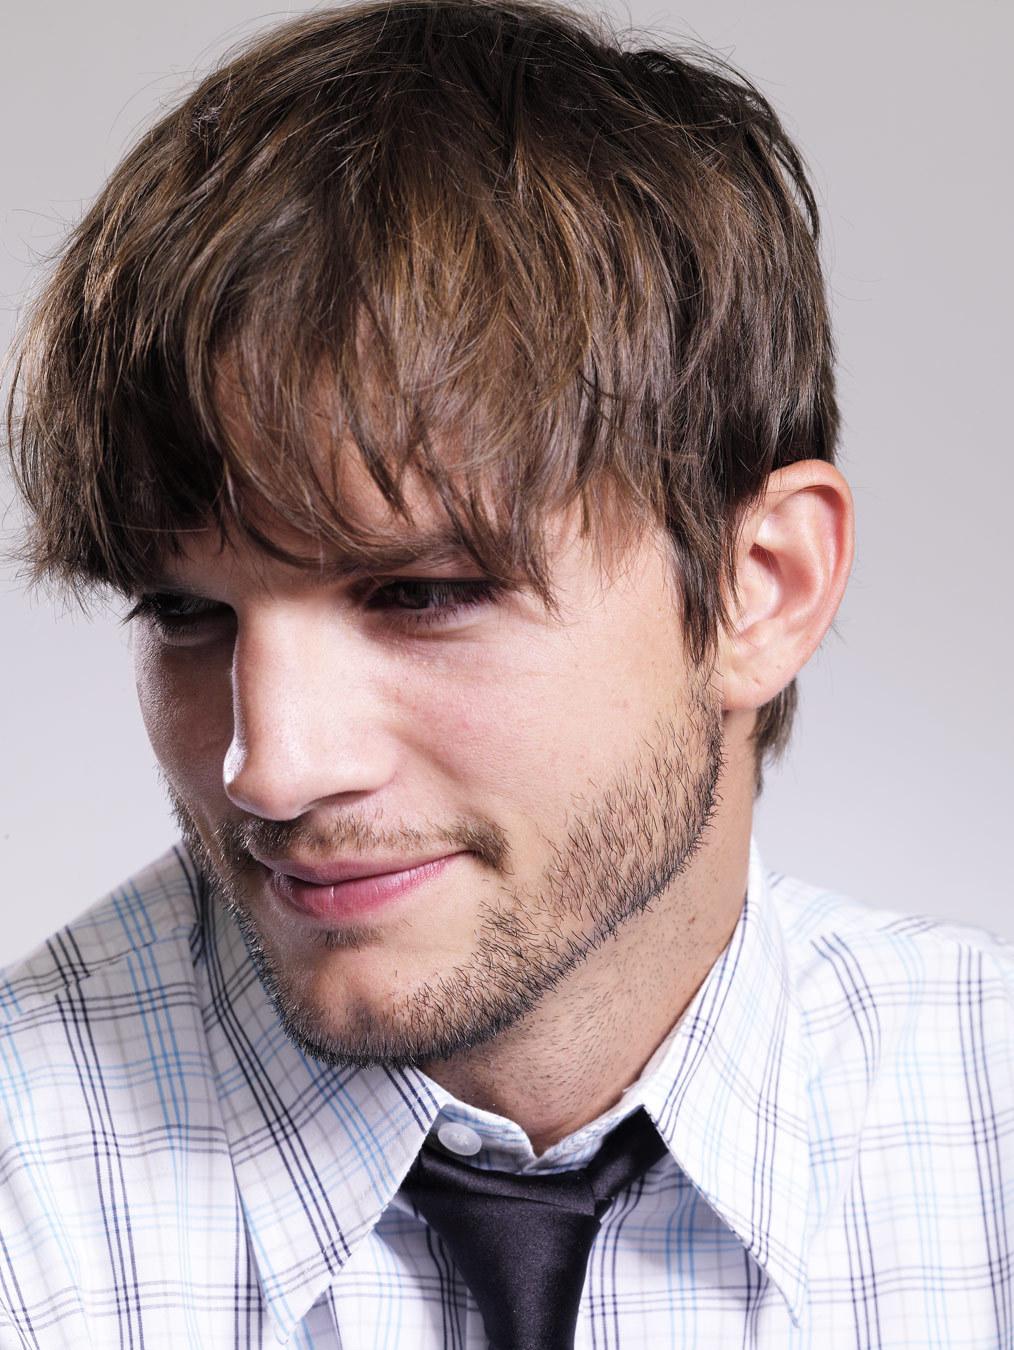 ashton kutcher is a fa...